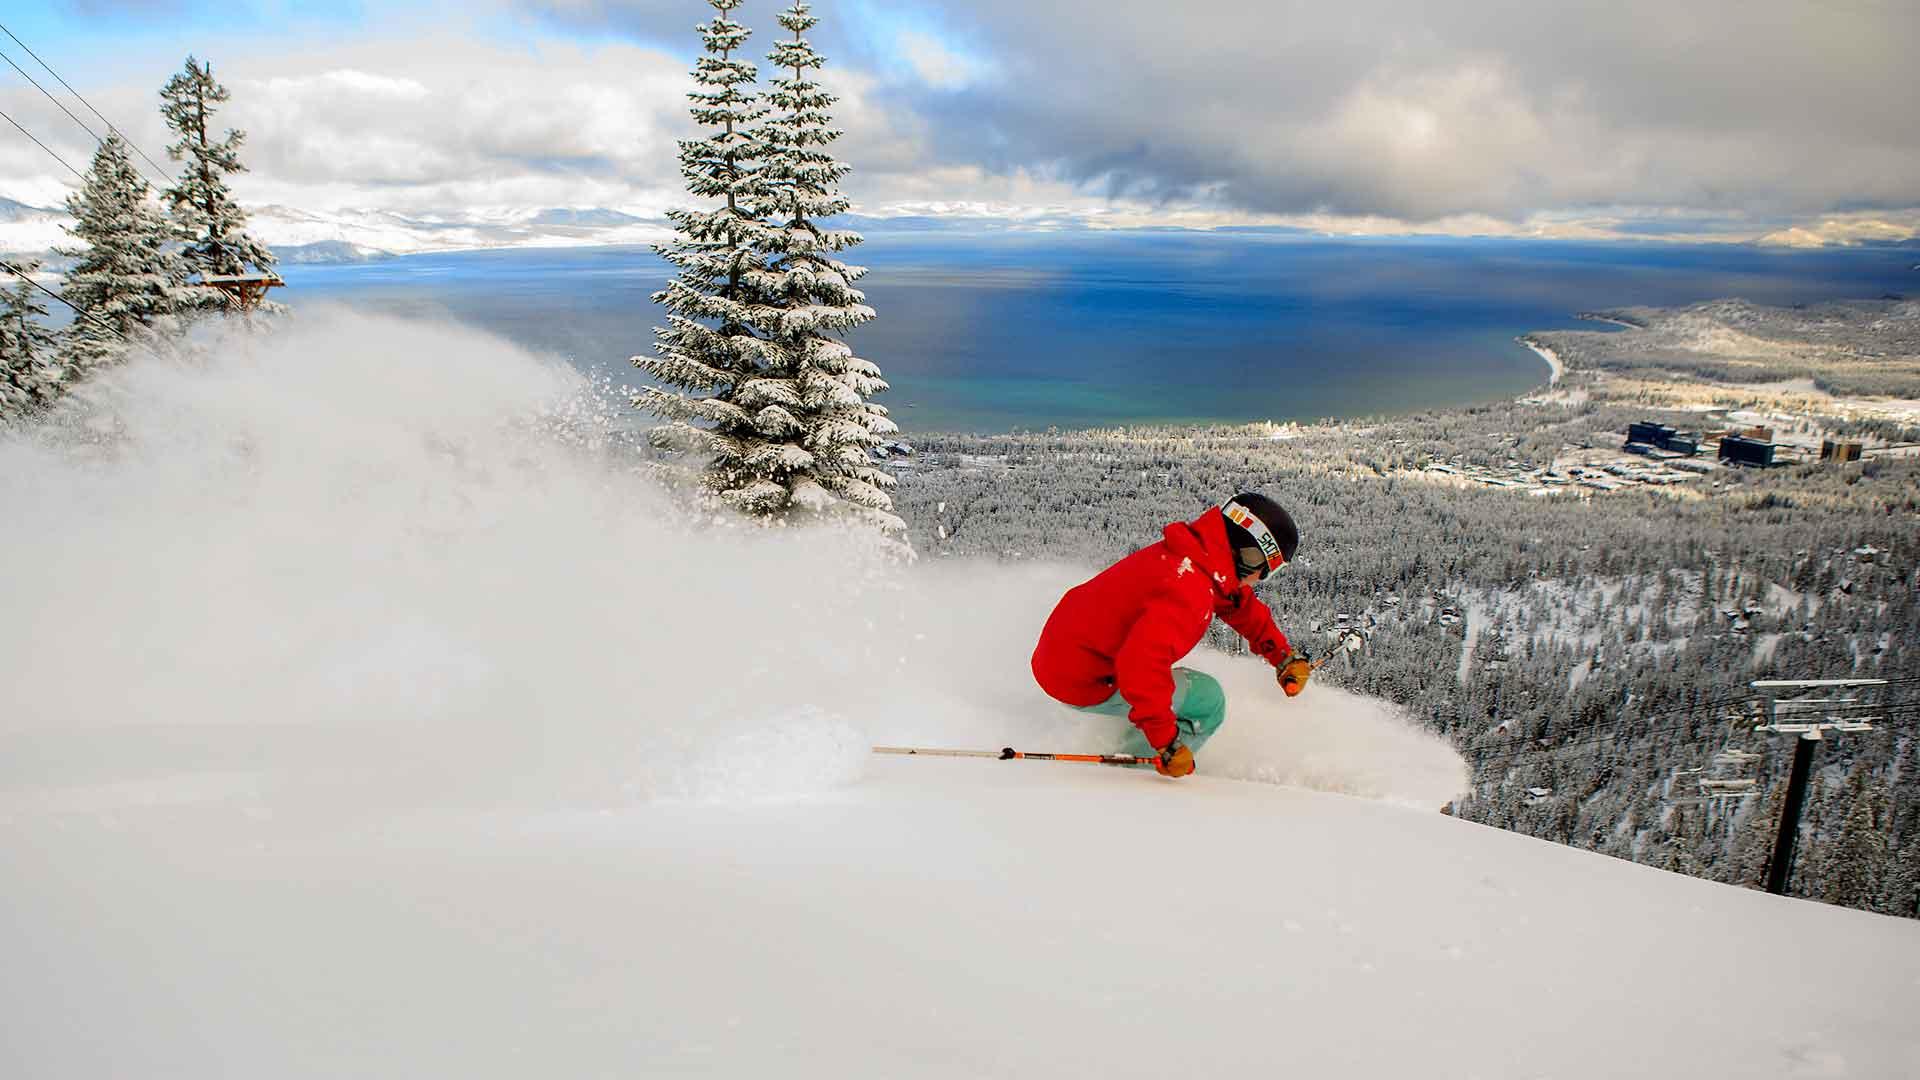 ¡Vamos a esquiar a Vail!